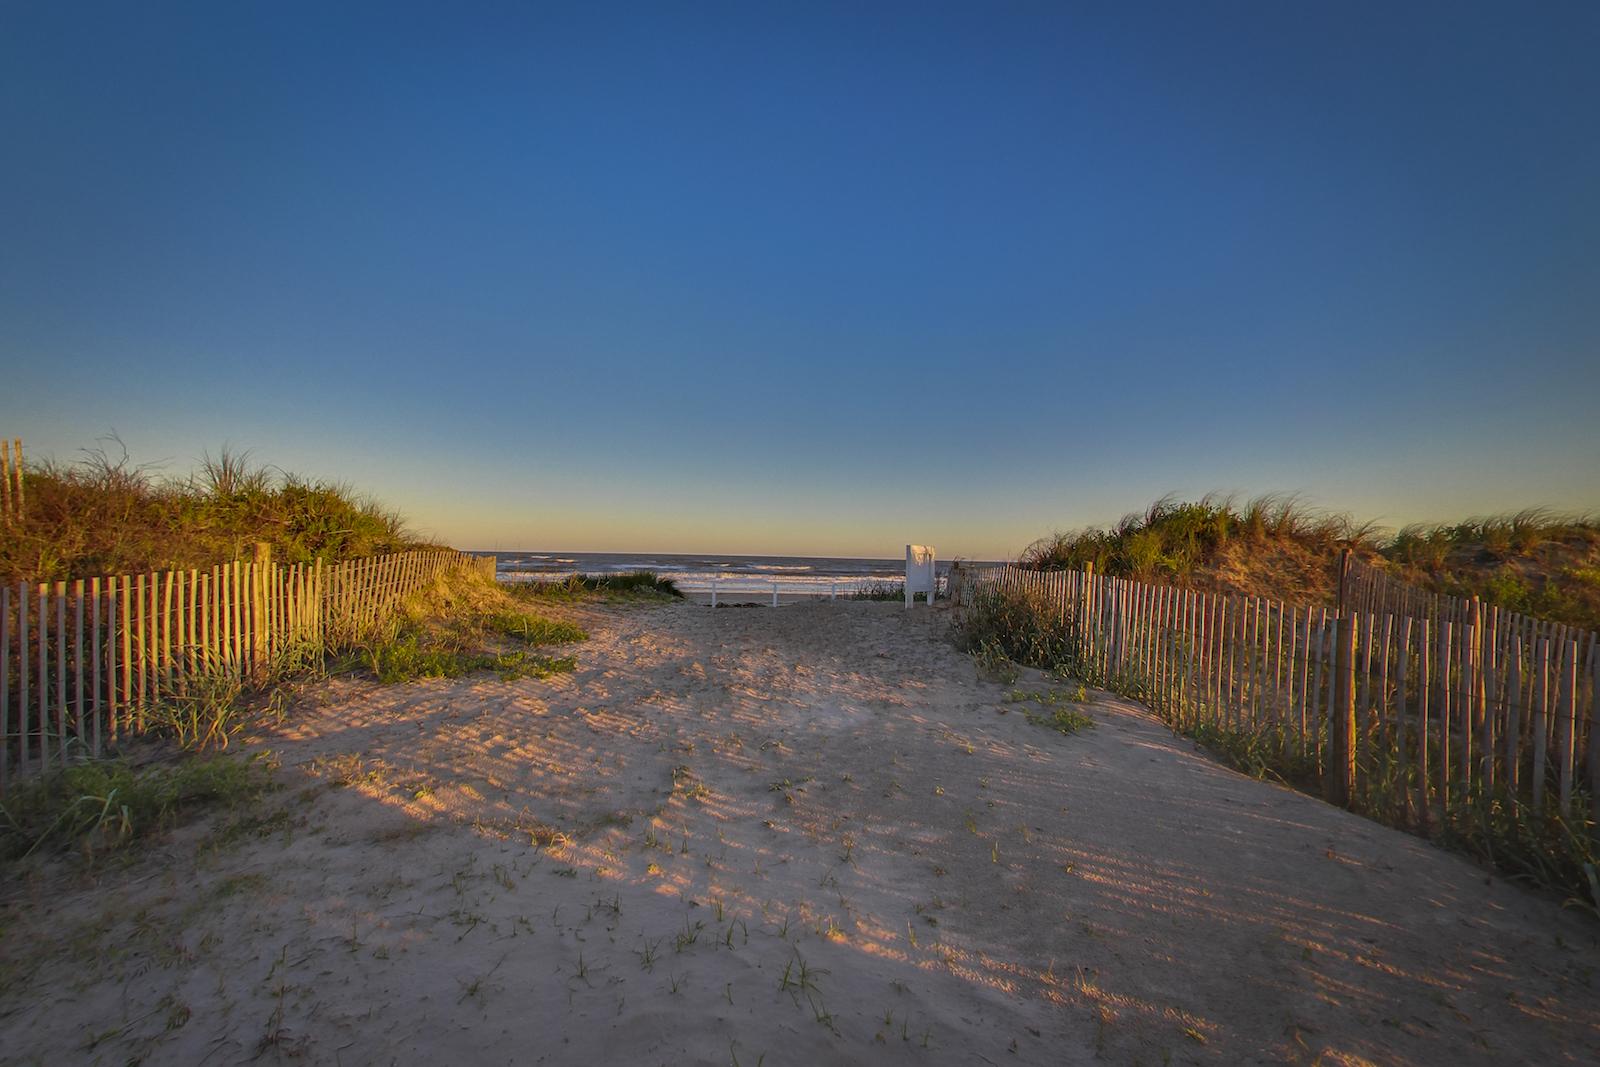 seagrass beach beach path .jpg